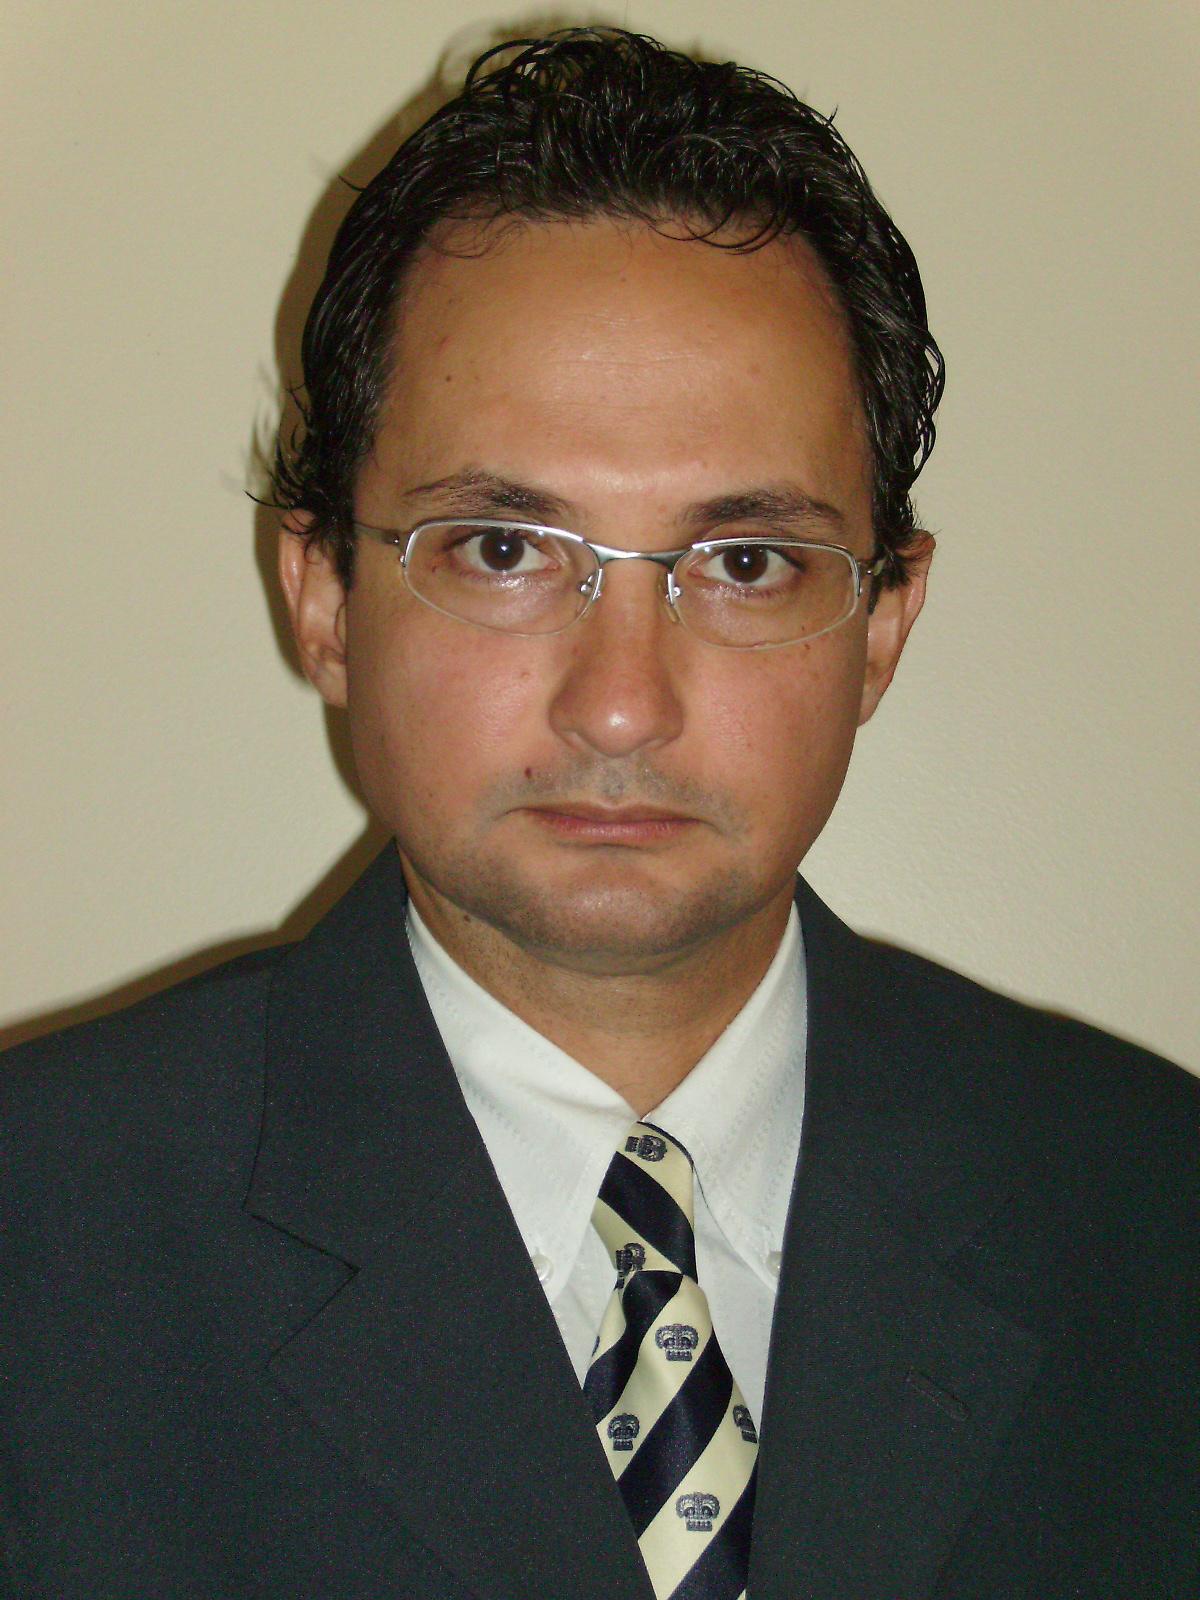 PROF. DR. MARCELO CARDOSO PEREIRA